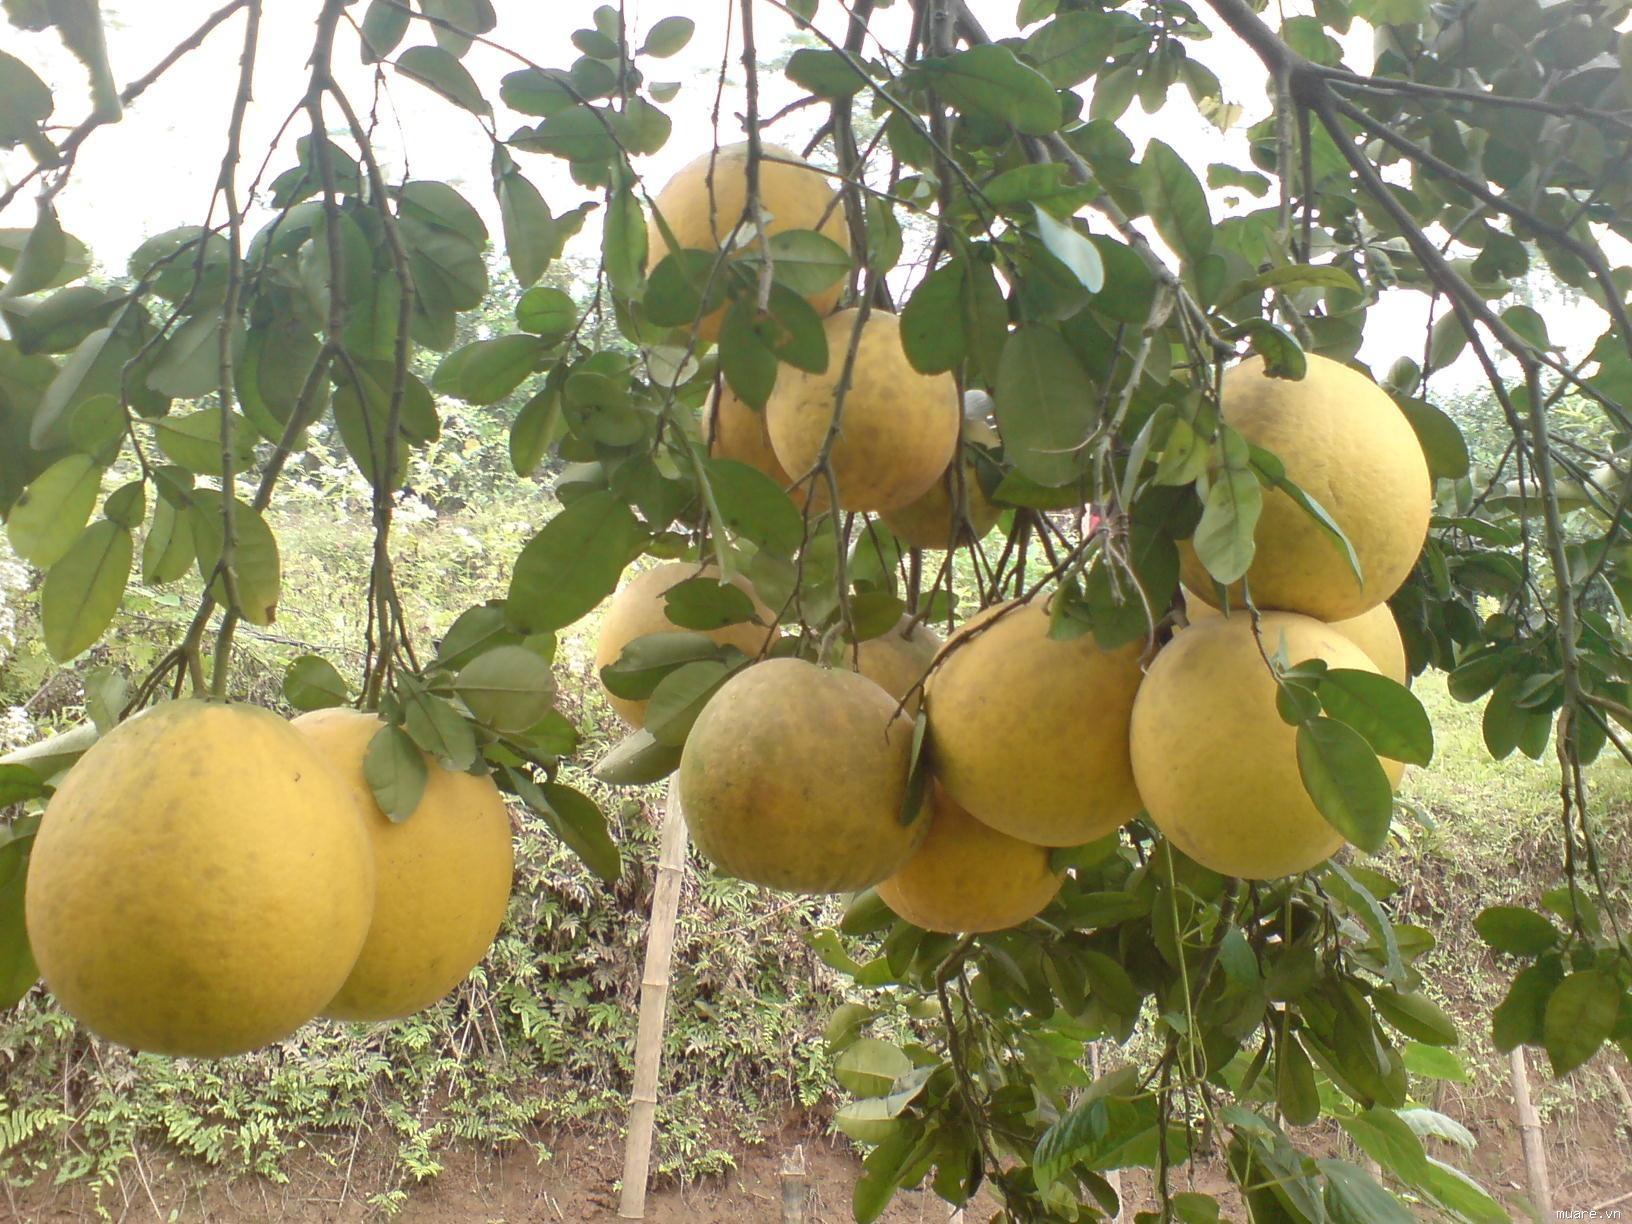 Kỹ thuật trồng cây bưởi diễn cũng rất chú trọng đến khâu chăm sóc, cắt tỉa